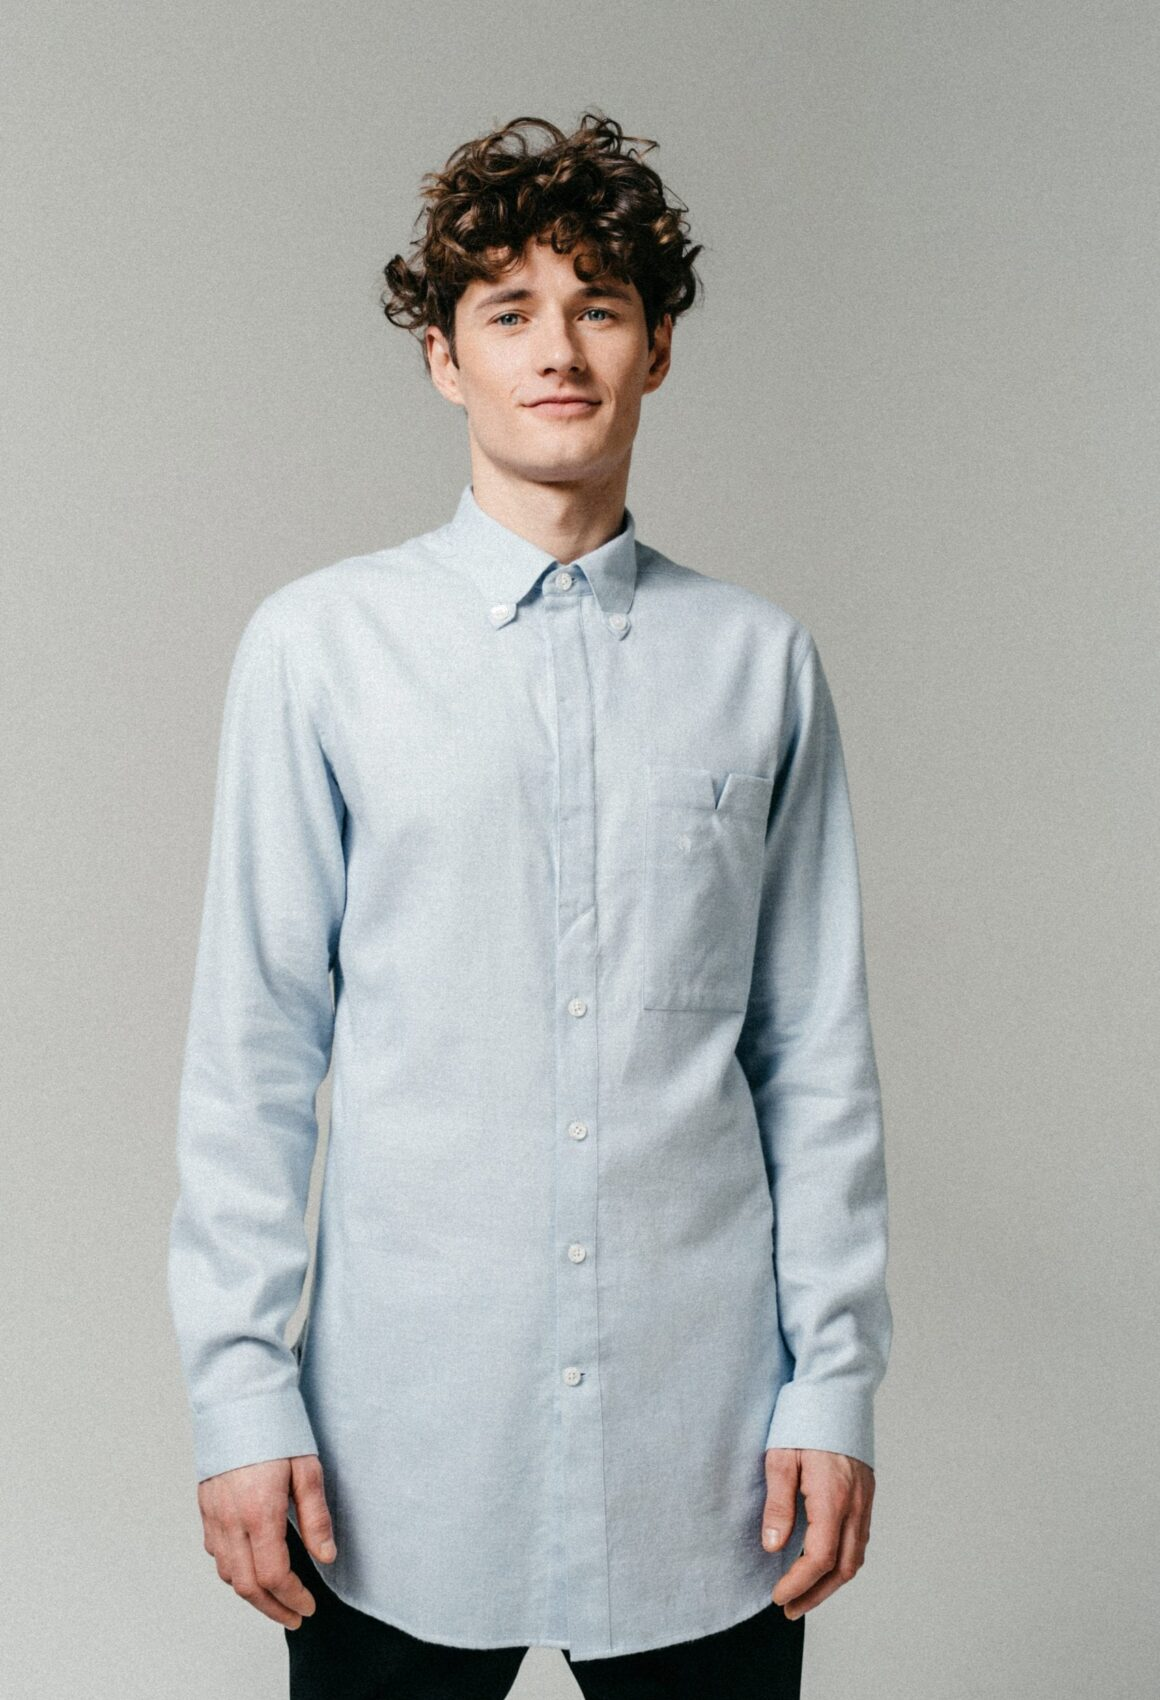 Angurboða Shirt